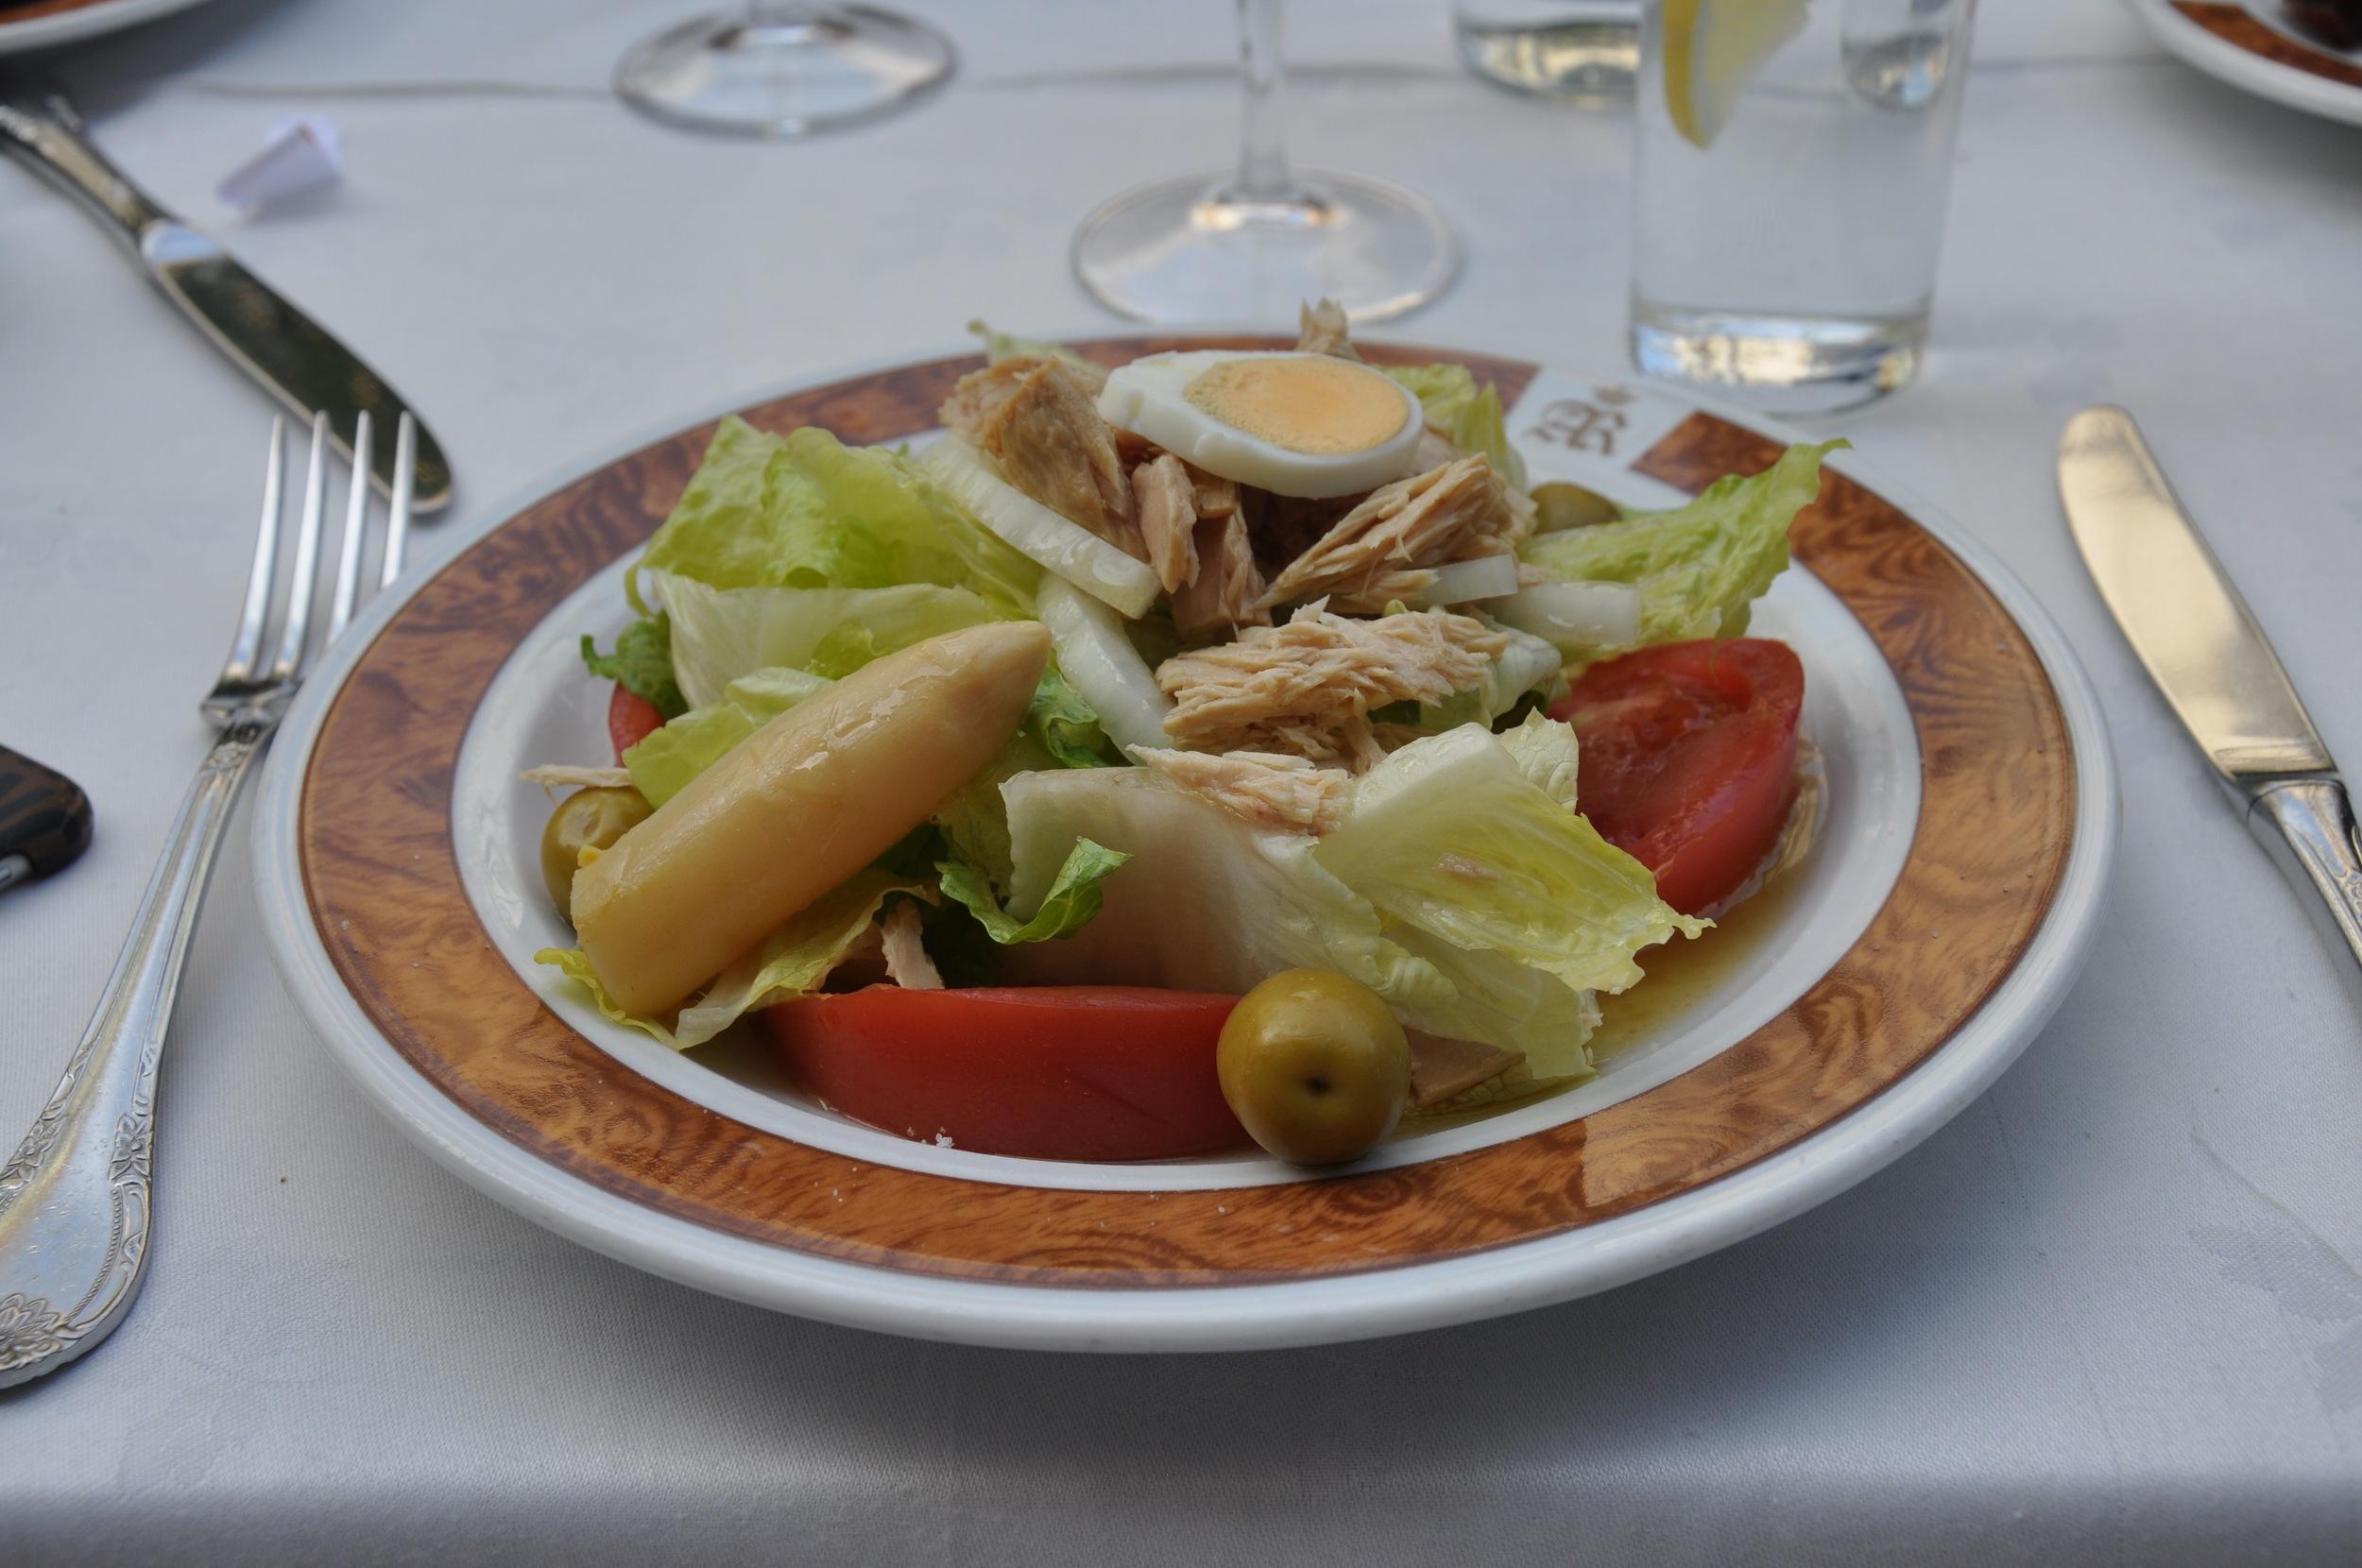 Un ensalada mixta (mixed salad).